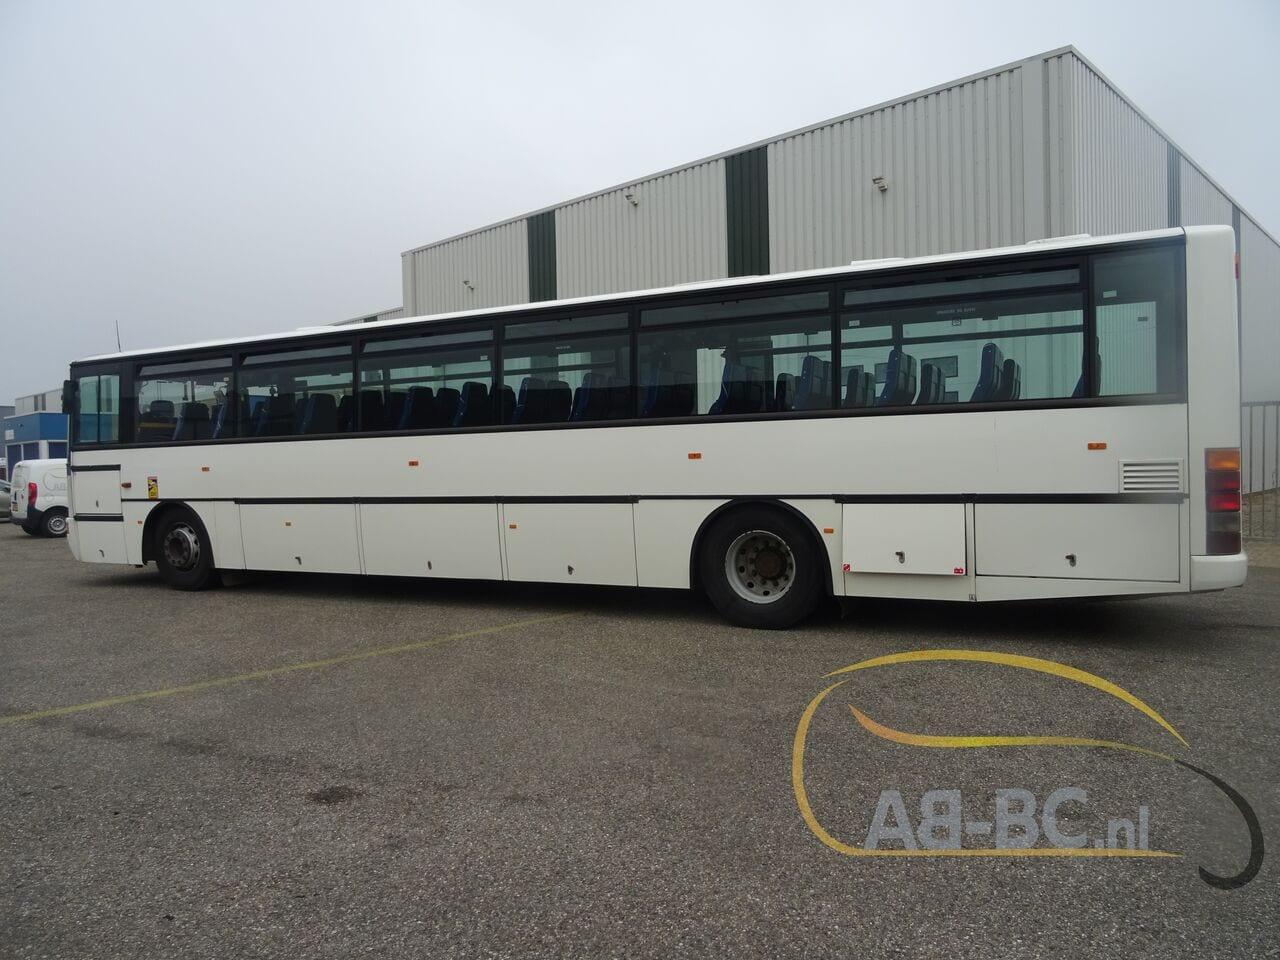 interurban-busIVECO-Irisbus-Recreo-64-Seats---1626159922252330954_big_5b3c4aa1d0e37793bba877576f778491--21071309575983154500